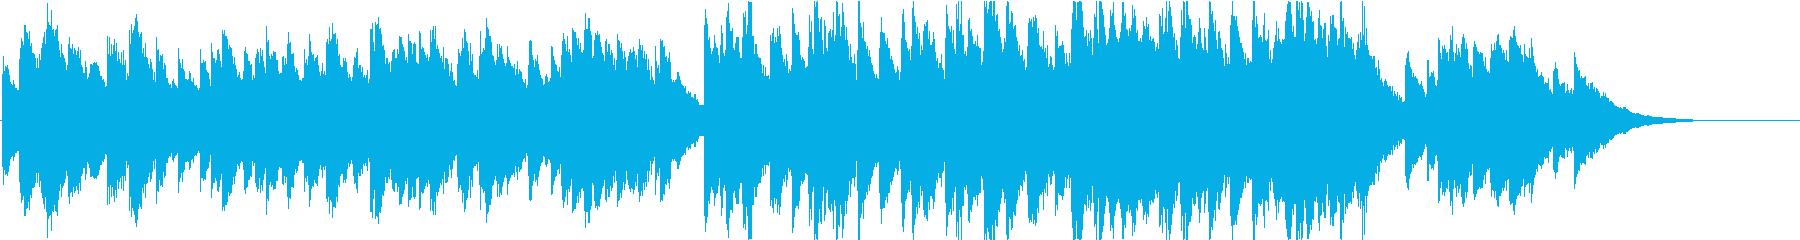 時報・チャイム風の名曲のメロディ・24の再生済みの波形